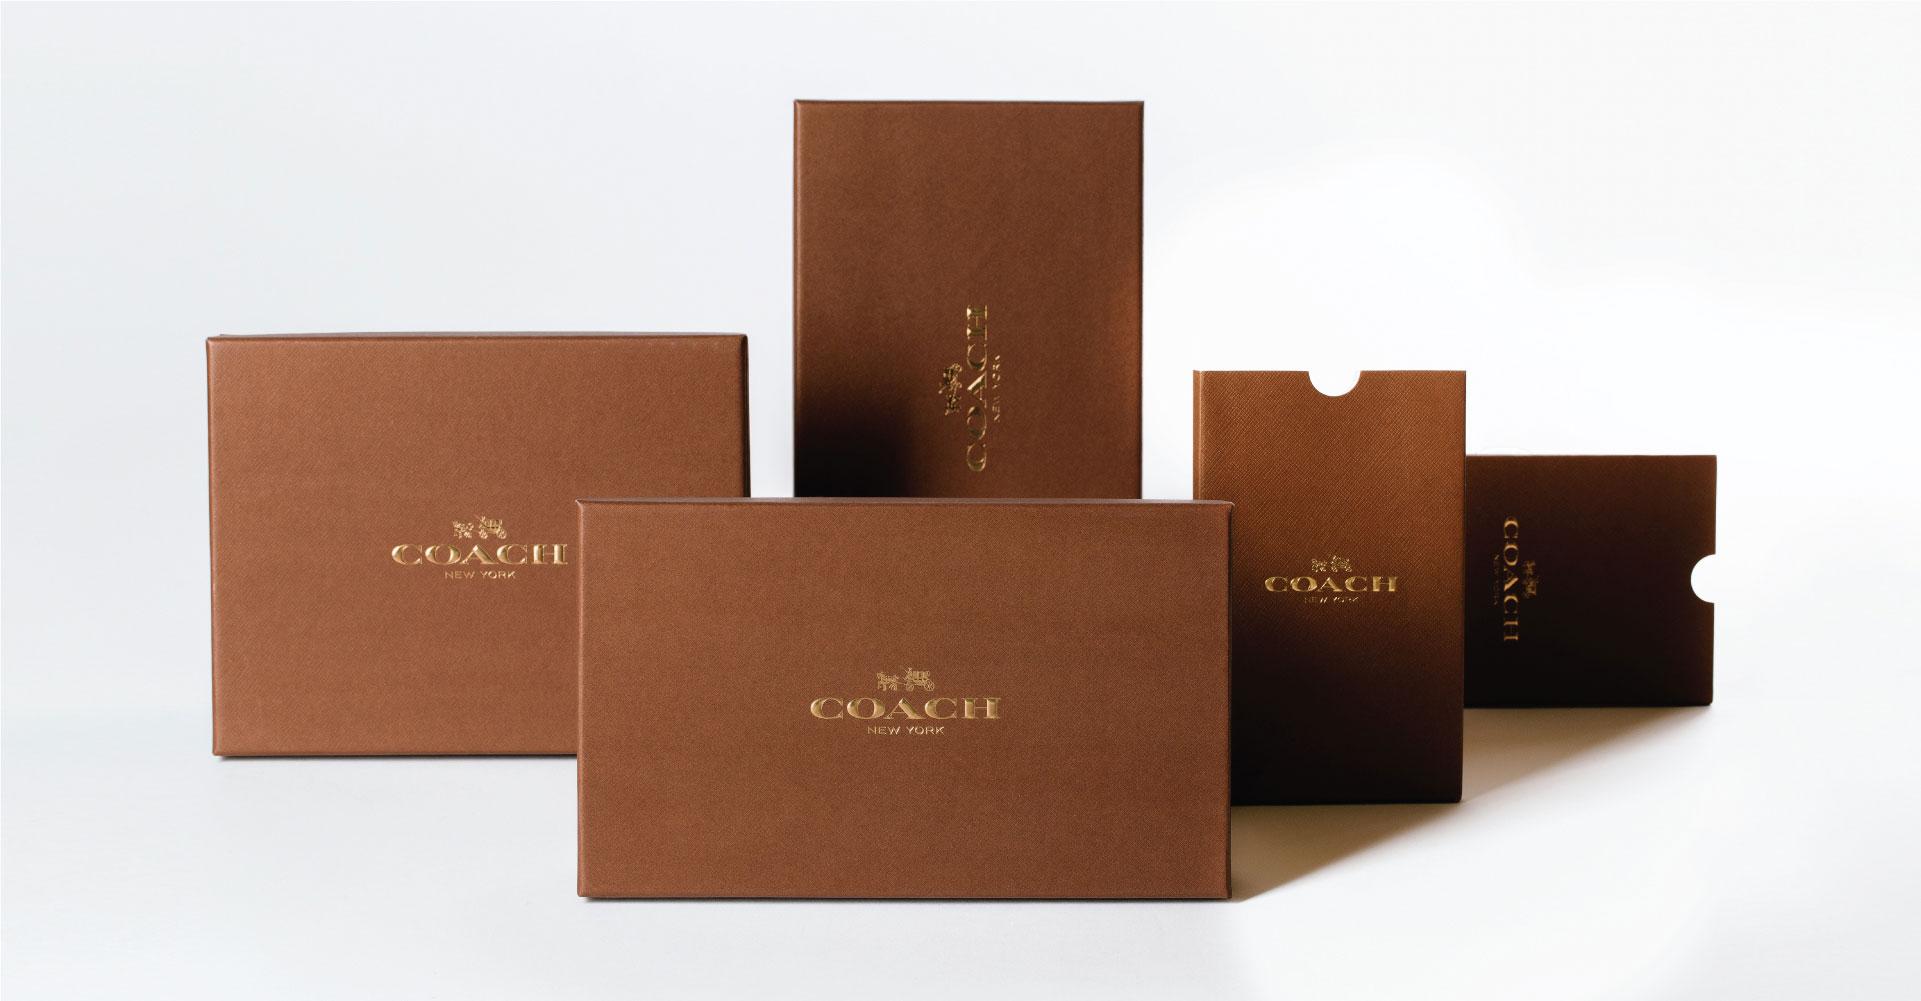 Creative_Retail_Packaging_Package_Design_Luxury_Coach_07.jpg